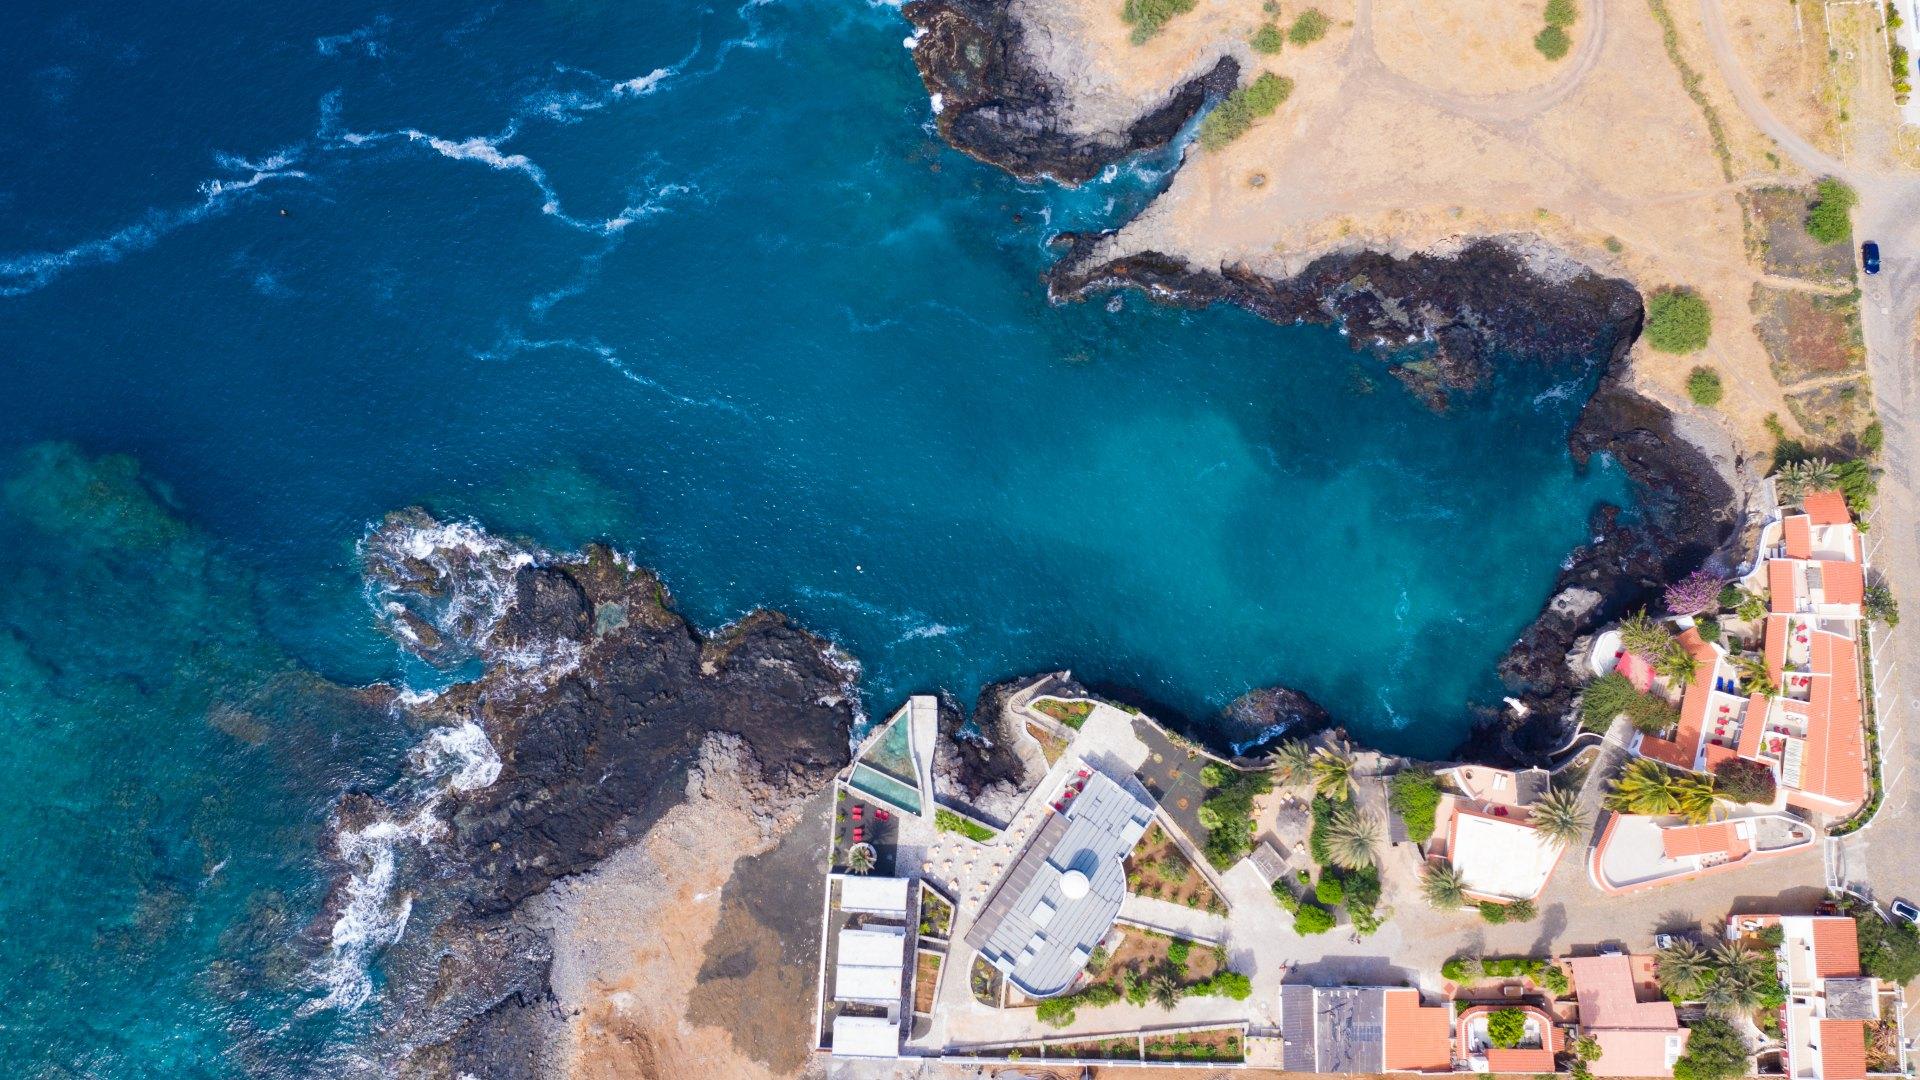 Kapverdské ostrovy mapa – Výběr skvělých map ke stažení